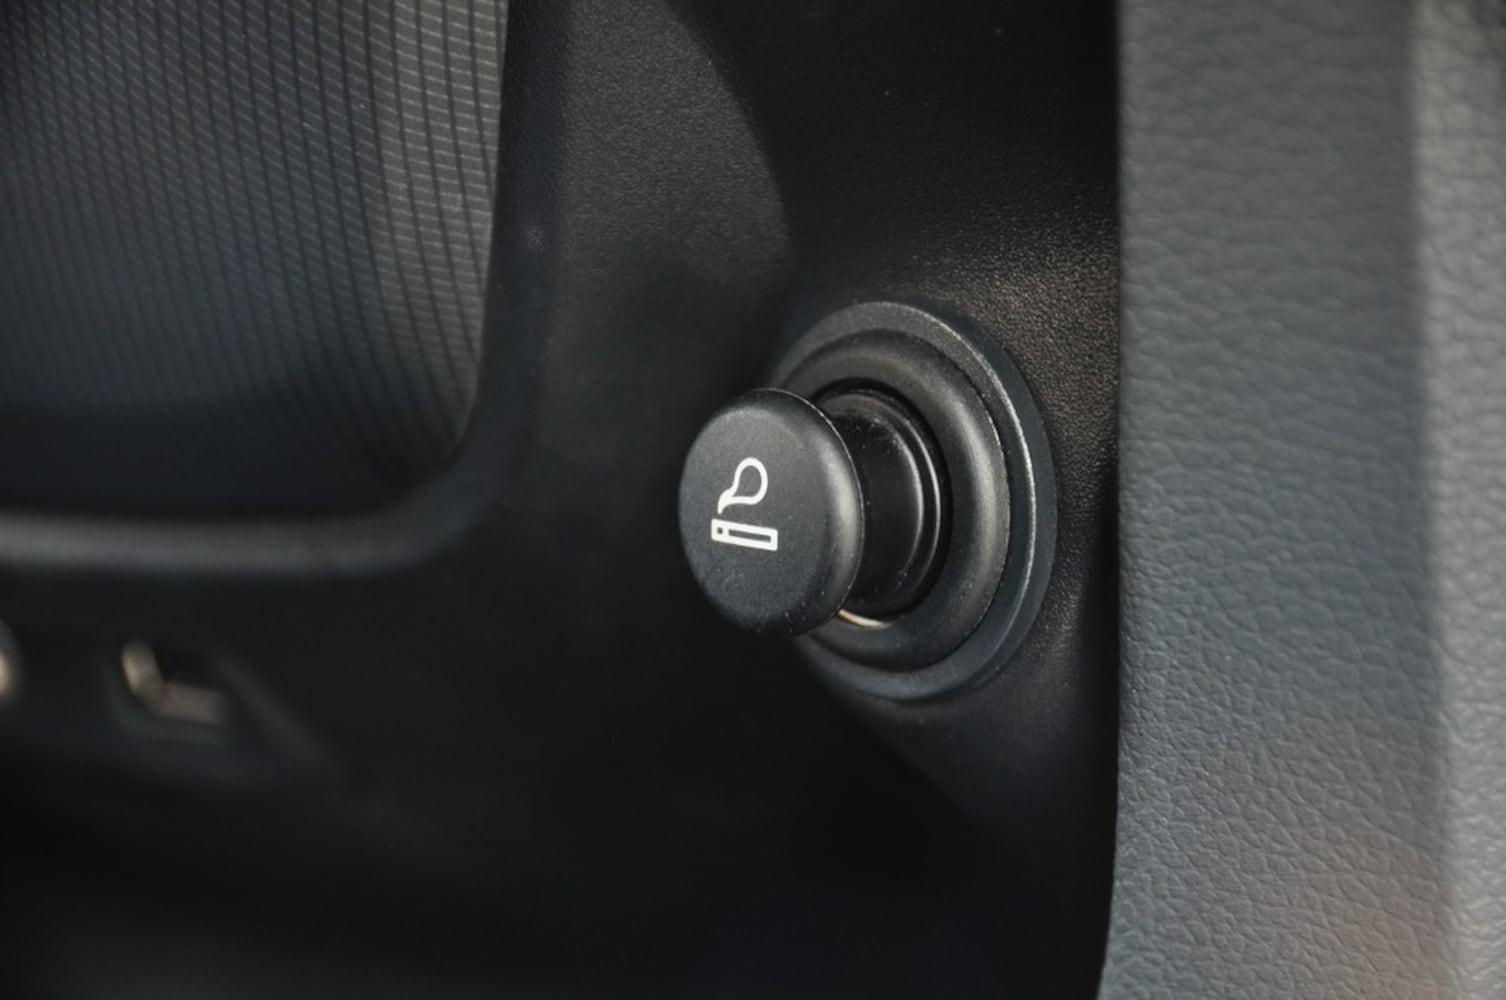 シガーソケット式|車内電源の定番で使いやすい